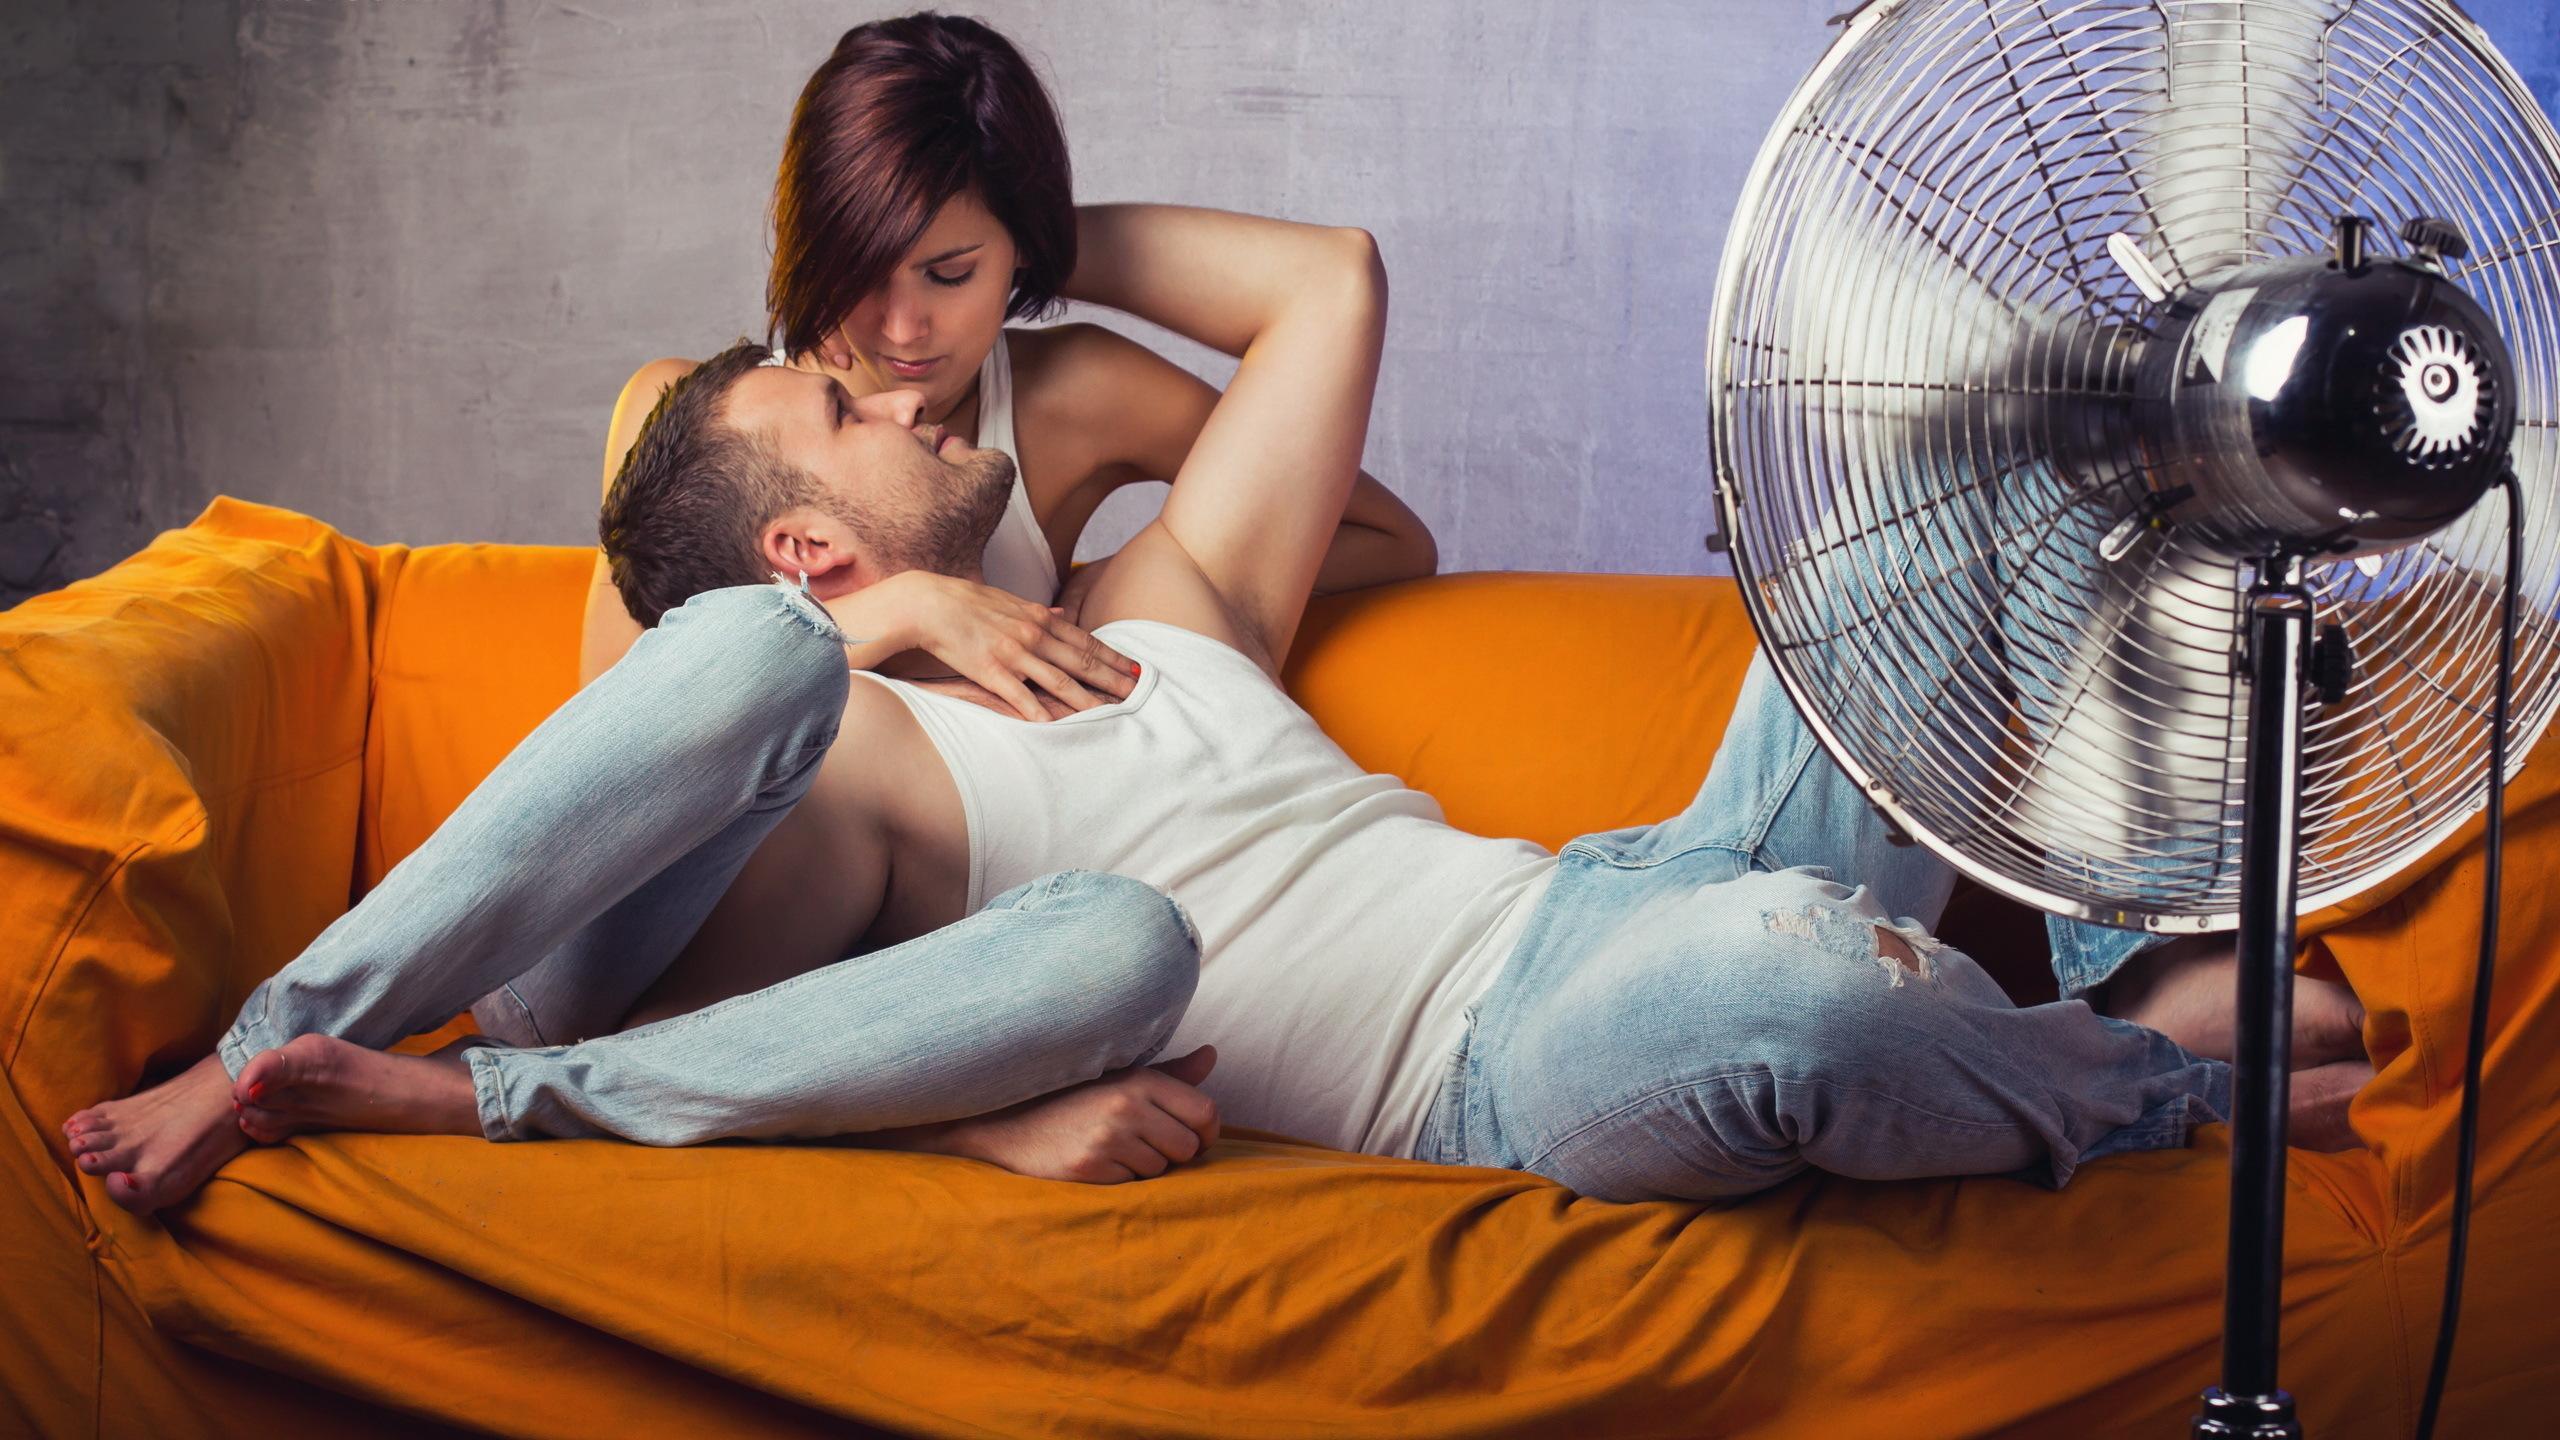 Фото девочек занимающихся сексом с парнями 8 фотография